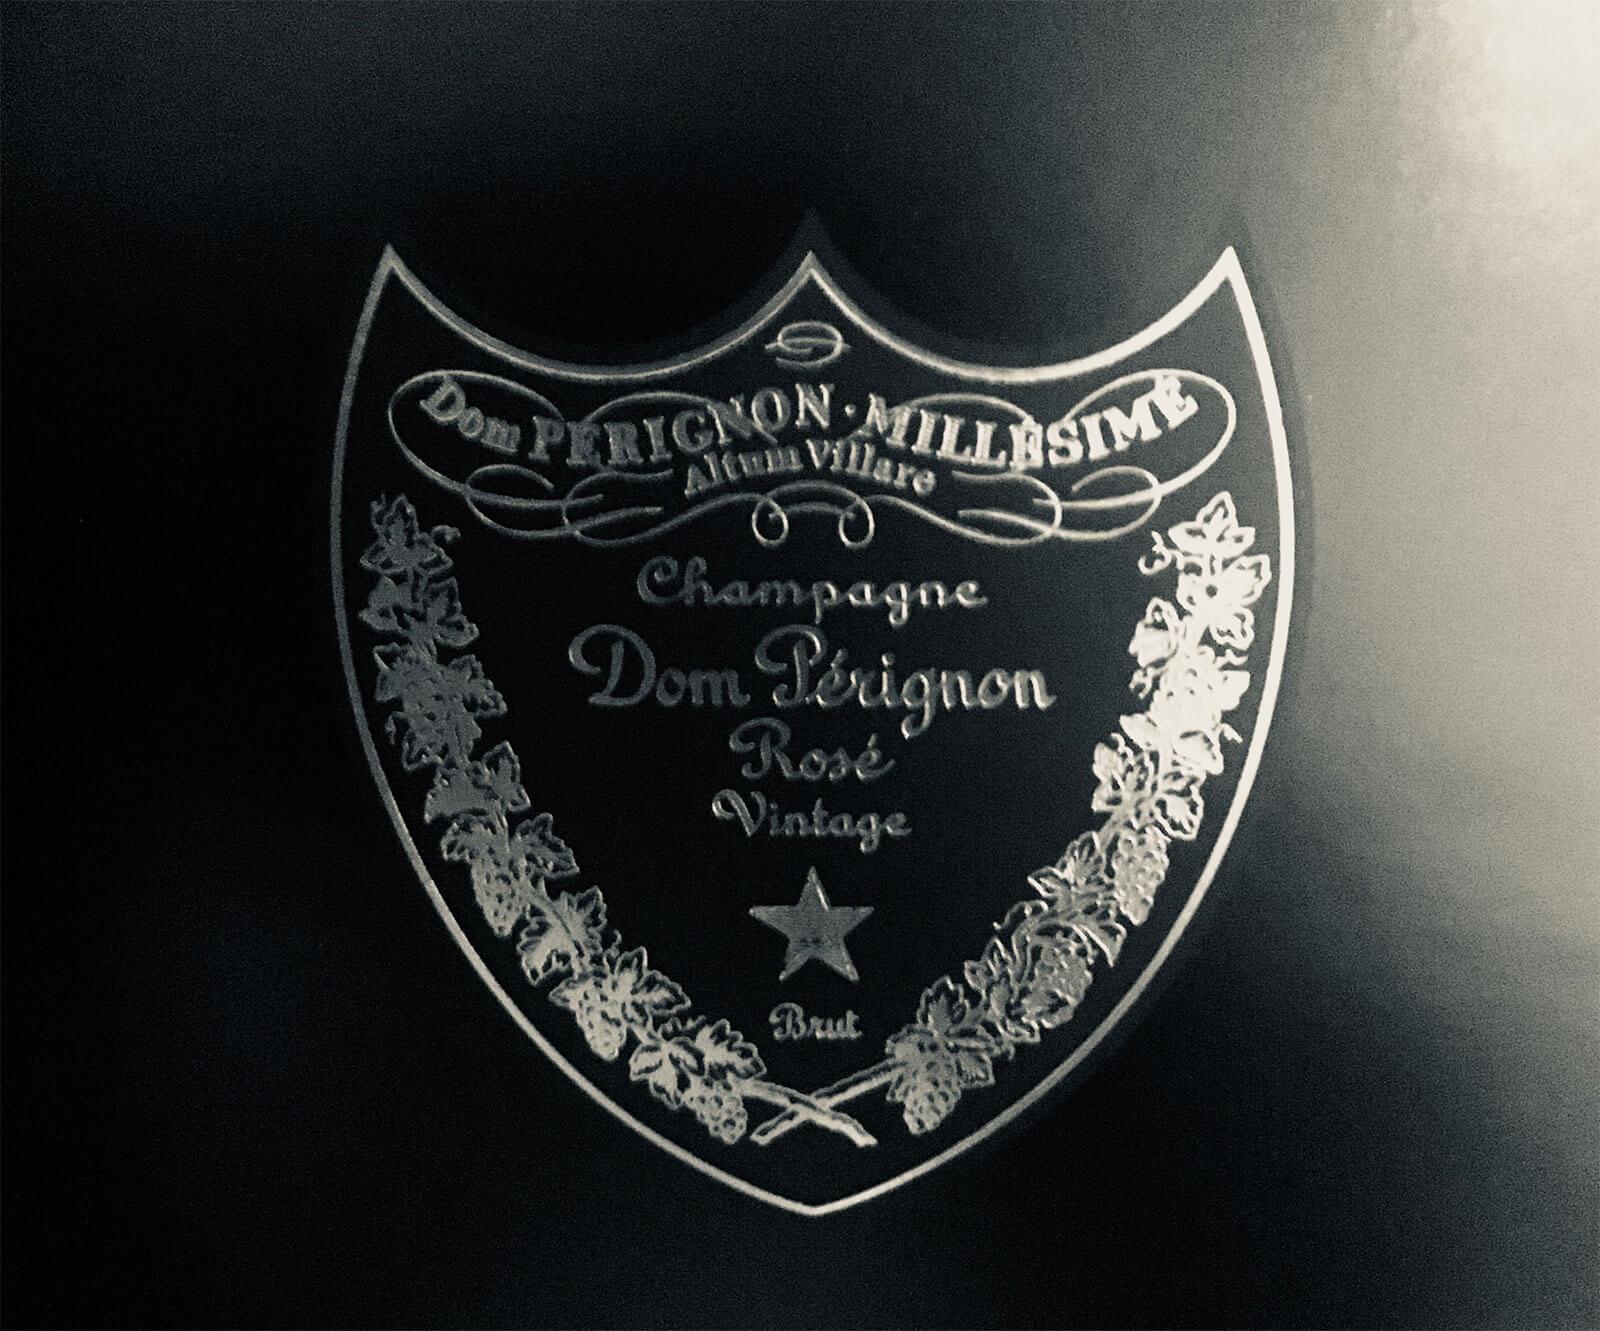 Investering i Dom Pérignon champagne